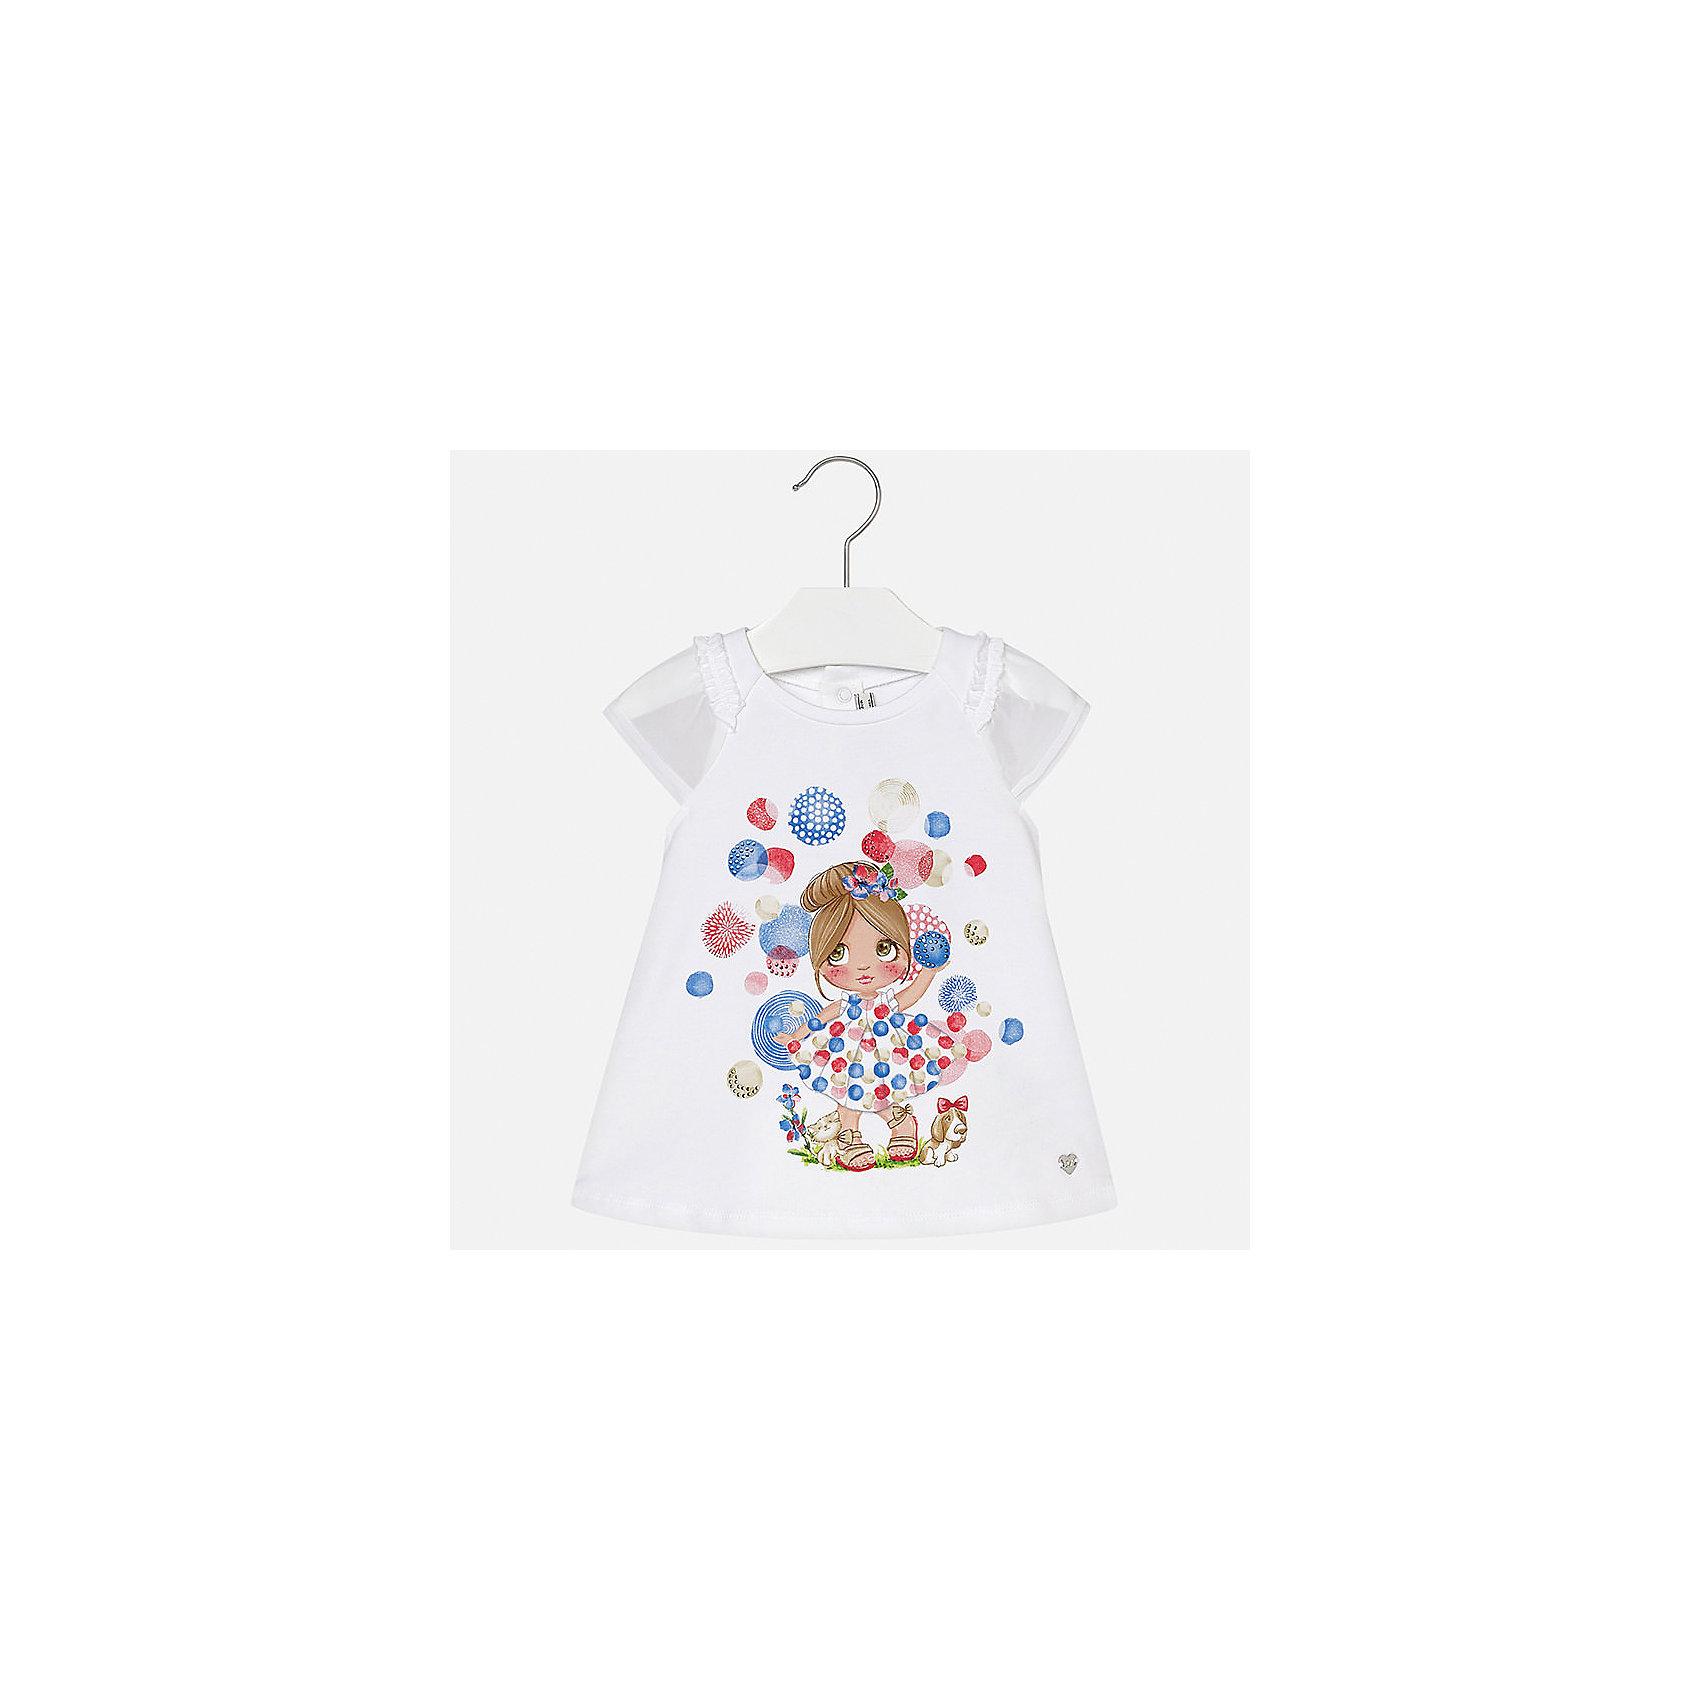 Платье для девочки MayoralПлатья<br>Характеристики товара:<br><br>• цвет: белый<br>• застежка: кнопки<br>• легкий материал<br>• оборки на рукавах<br>• плиссированный низ<br>• короткие рукава<br>• принт<br>• страна бренда: Испания<br><br>Красивое легкое платье для девочки поможет разнообразить гардероб ребенка и создать эффектный наряд. Оно подойдет и для торжественных случаев, может быть и как ежедневный наряд. Красивый оттенок позволяет подобрать к вещи обувь разных расцветок. В составе материала подкладки - натуральный хлопок, гипоаллергенный, приятный на ощупь, дышащий. Платье хорошо сидит по фигуре.<br><br>Одежда, обувь и аксессуары от испанского бренда Mayoral полюбились детям и взрослым по всему миру. Модели этой марки - стильные и удобные. Для их производства используются только безопасные, качественные материалы и фурнитура. Порадуйте ребенка модными и красивыми вещами от Mayoral! <br><br>Платье для девочки от испанского бренда Mayoral (Майорал) можно купить в нашем интернет-магазине.<br><br>Ширина мм: 236<br>Глубина мм: 16<br>Высота мм: 184<br>Вес г: 177<br>Цвет: красный<br>Возраст от месяцев: 6<br>Возраст до месяцев: 9<br>Пол: Женский<br>Возраст: Детский<br>Размер: 74,86,80,92<br>SKU: 5289188